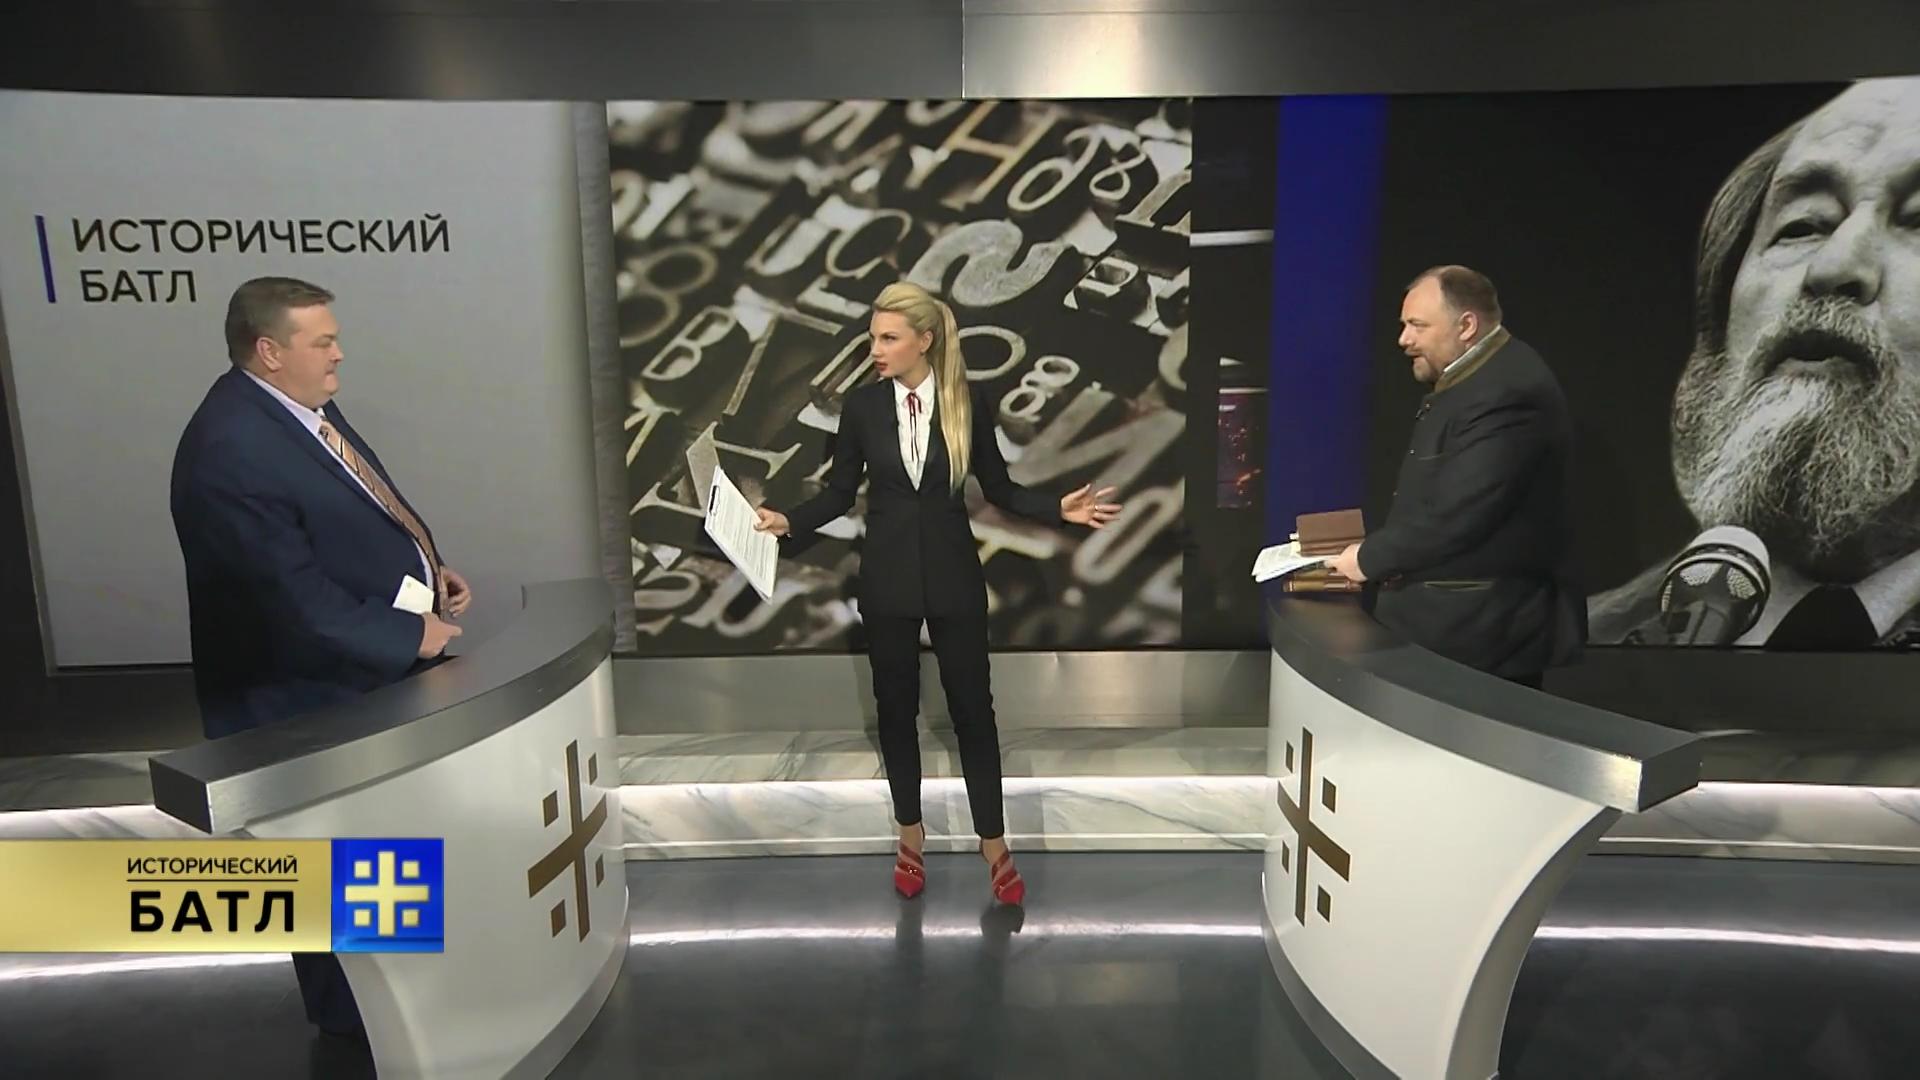 23.01.2018 Исторический батл. Солженицын. Холмогоров vs Спицын